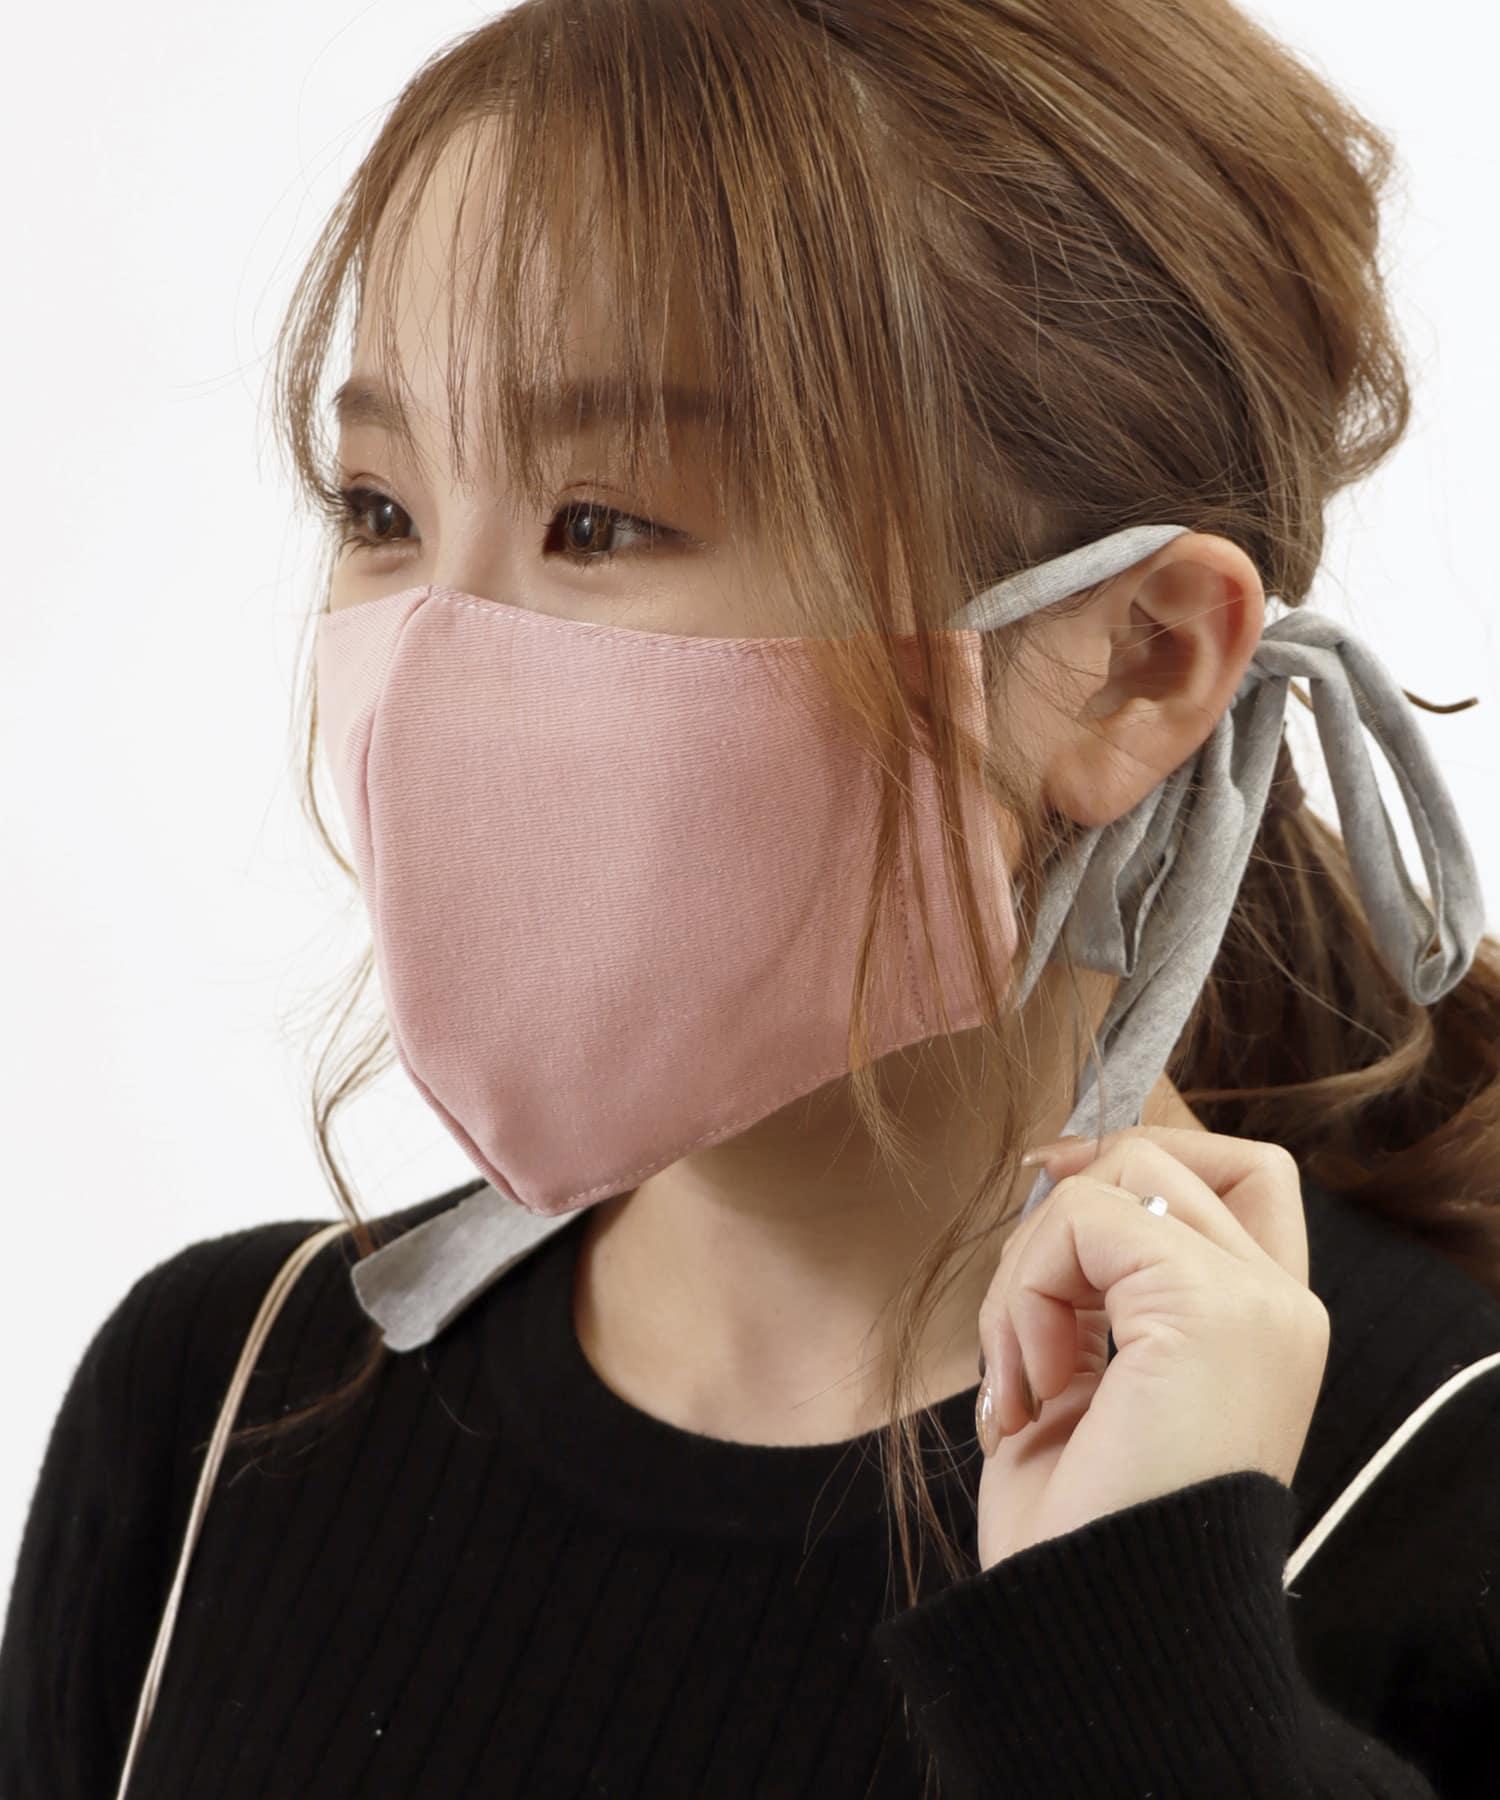 ASOKO(アソコ) ライフスタイル 《血色をよく見せてくれる》カットソーマスク ピンク